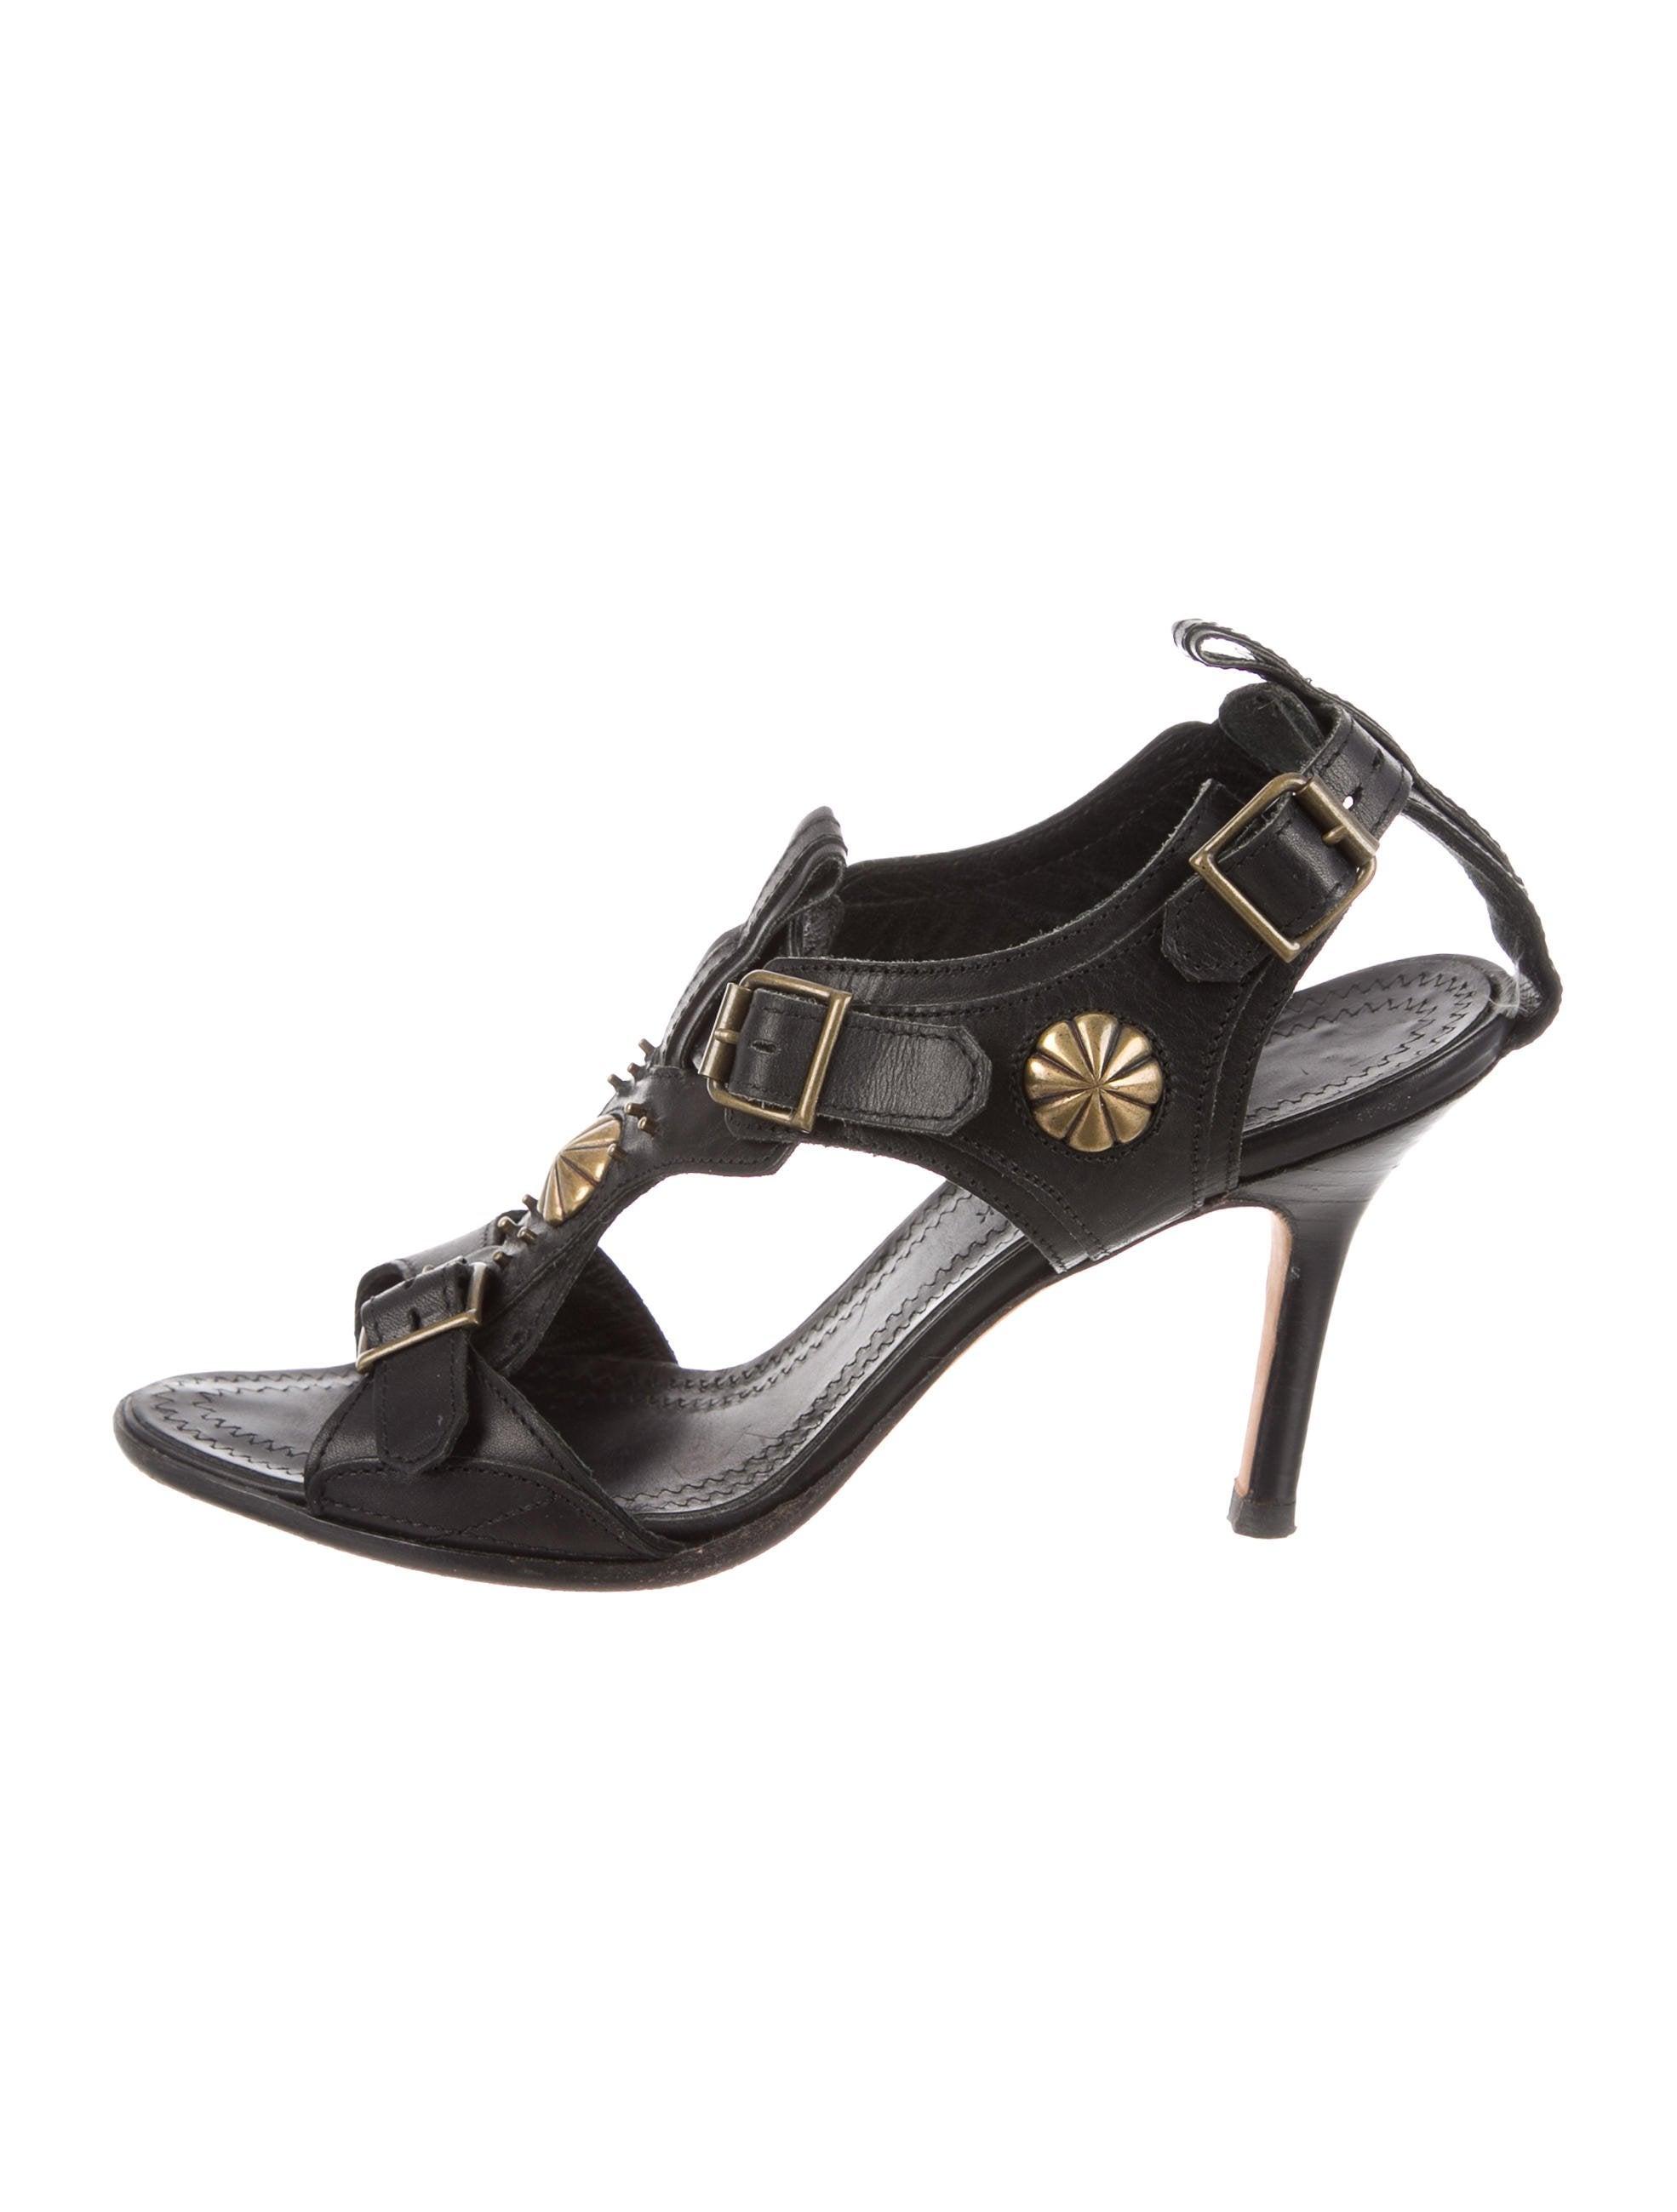 Manolo Blahnik Leather Stud-Embellished Sandals discounts cheap big sale clearance outlet v2RjDcJi